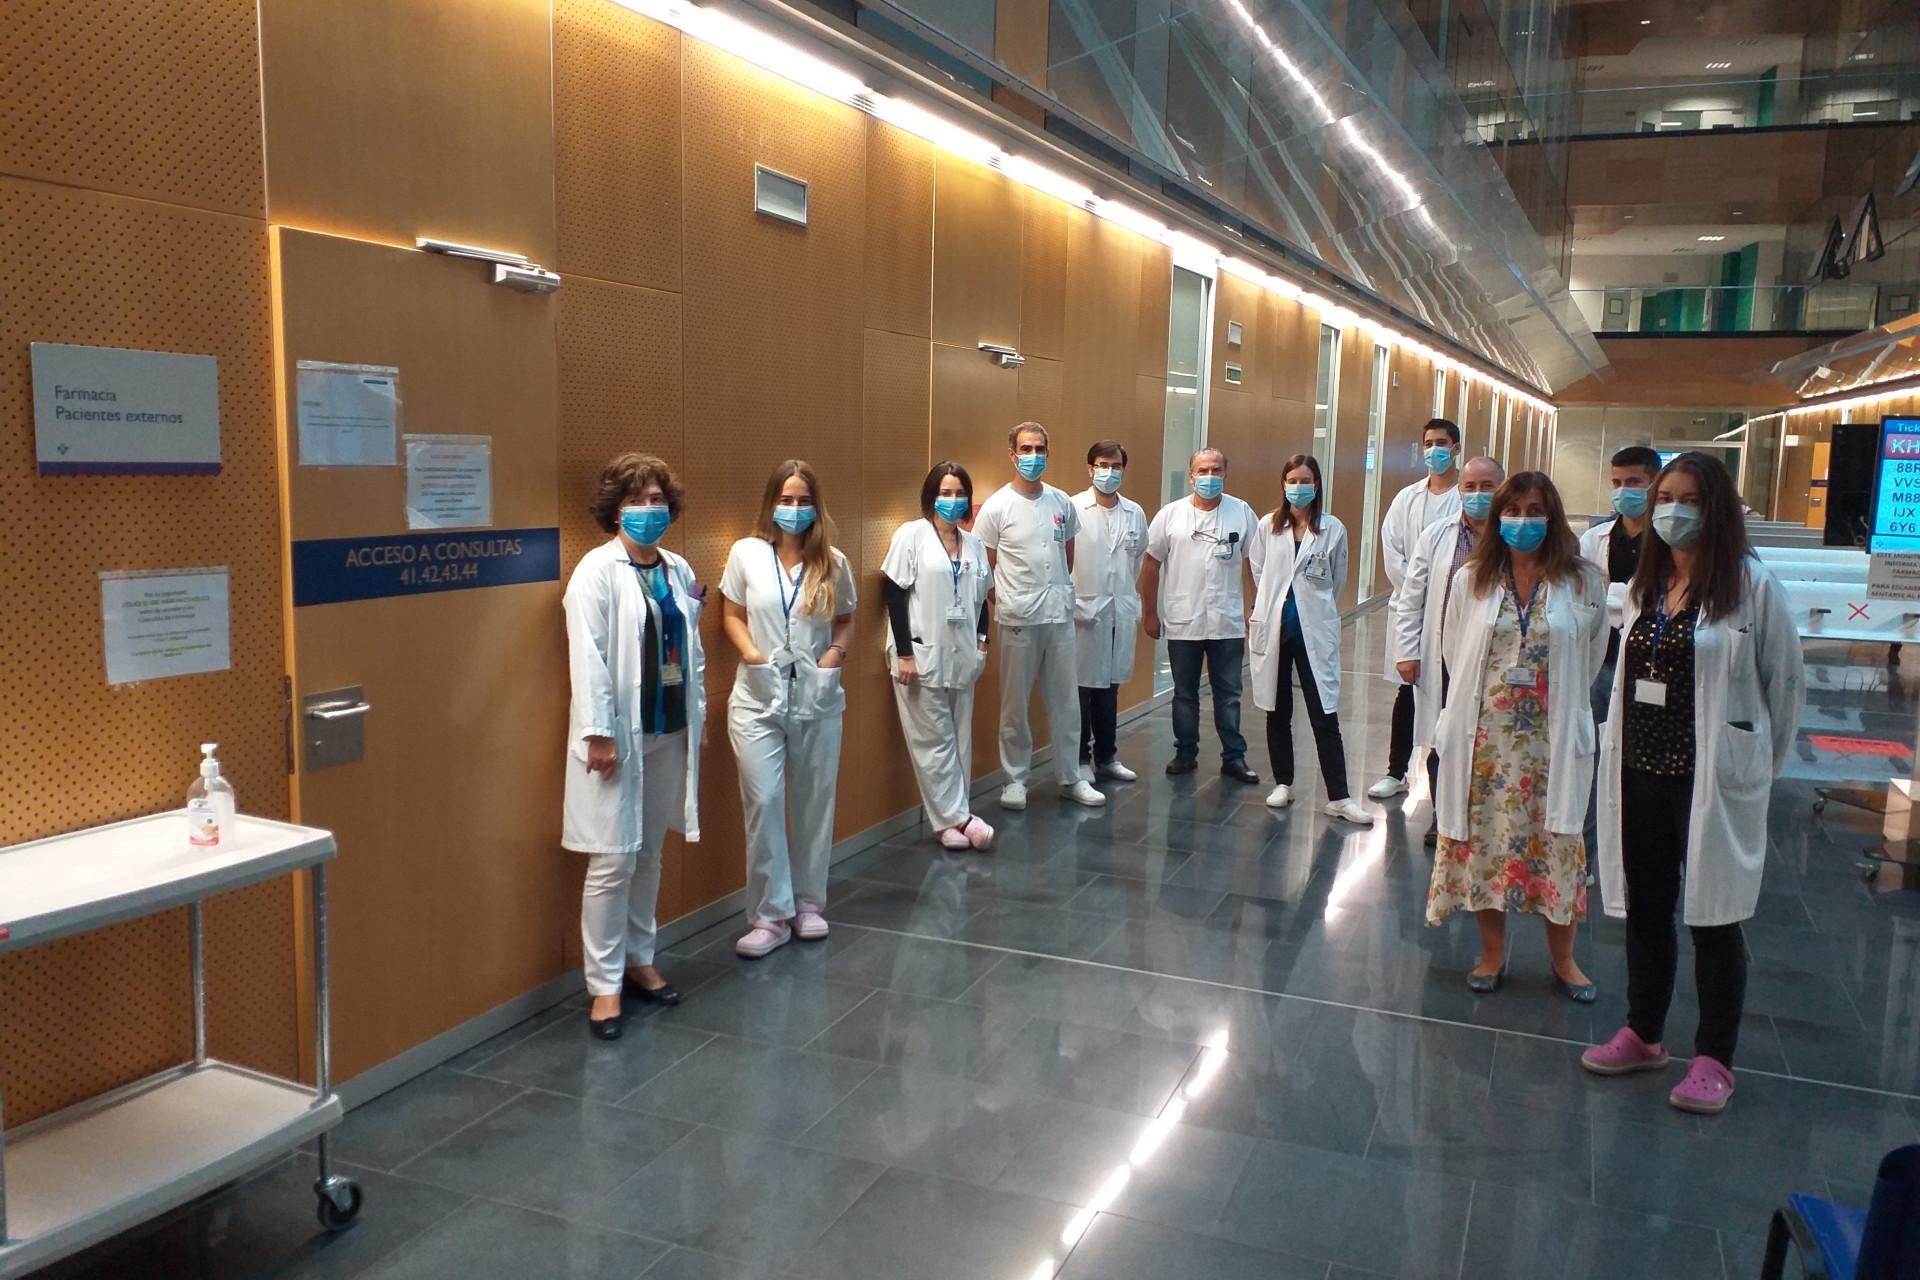 Parte de los integrantes del Servicio de Farmacia del Hospital Universitario Central de Asturias